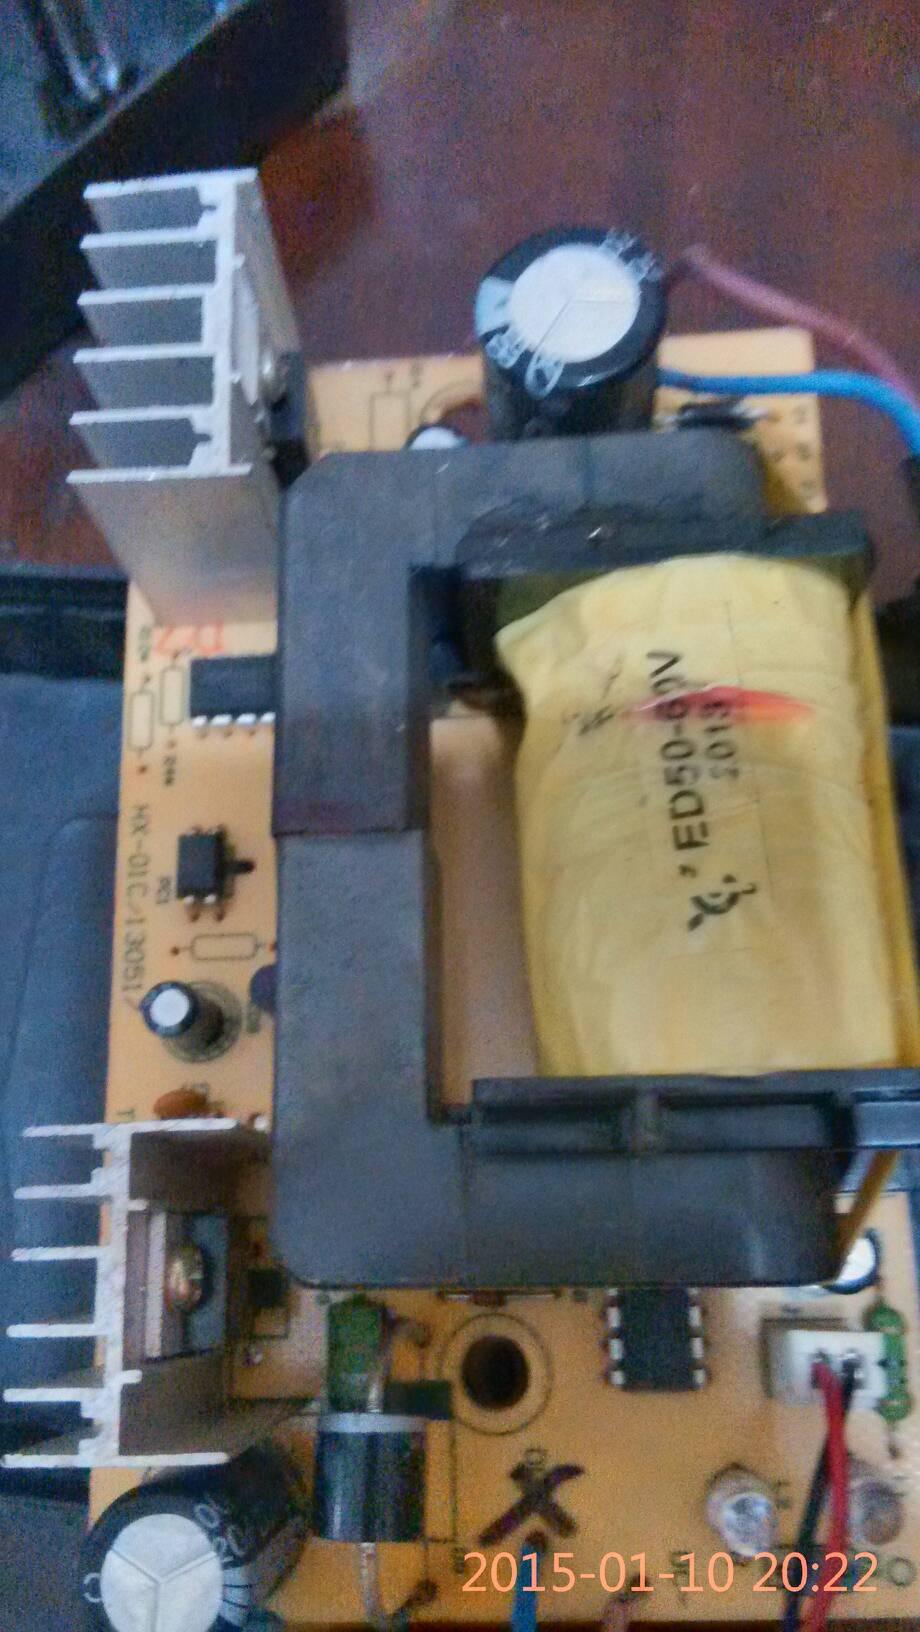 保险丝01   【厂家直销】电动车保险丝盒sl710a黑色 保险 管高清图片